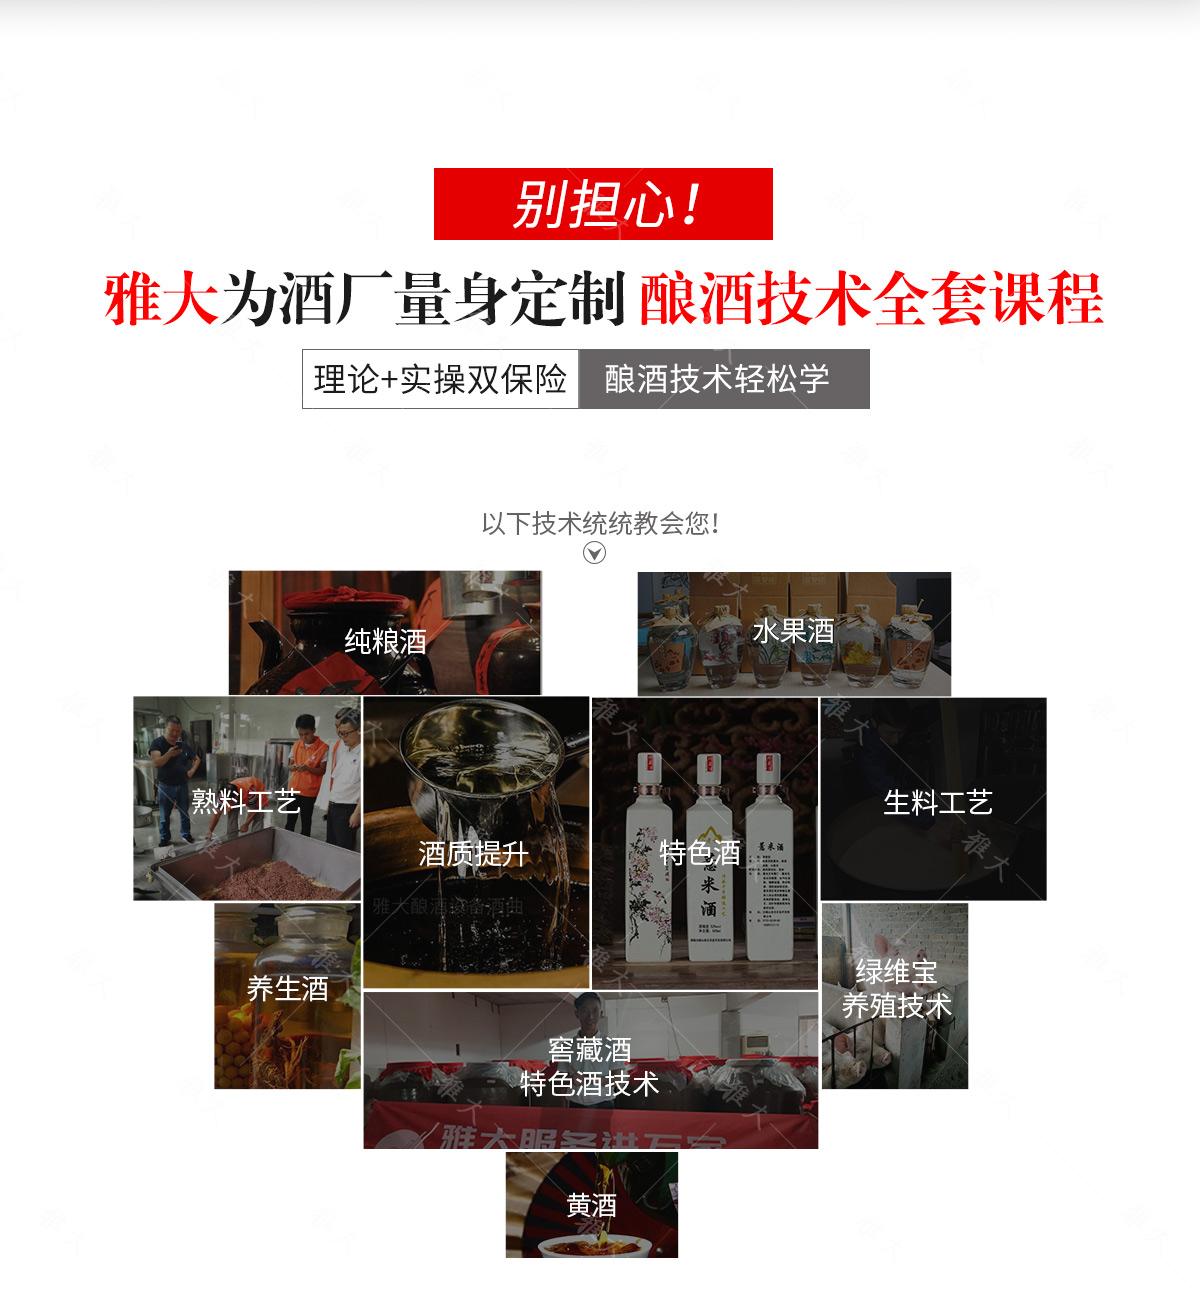 酿酒技术营销页_03